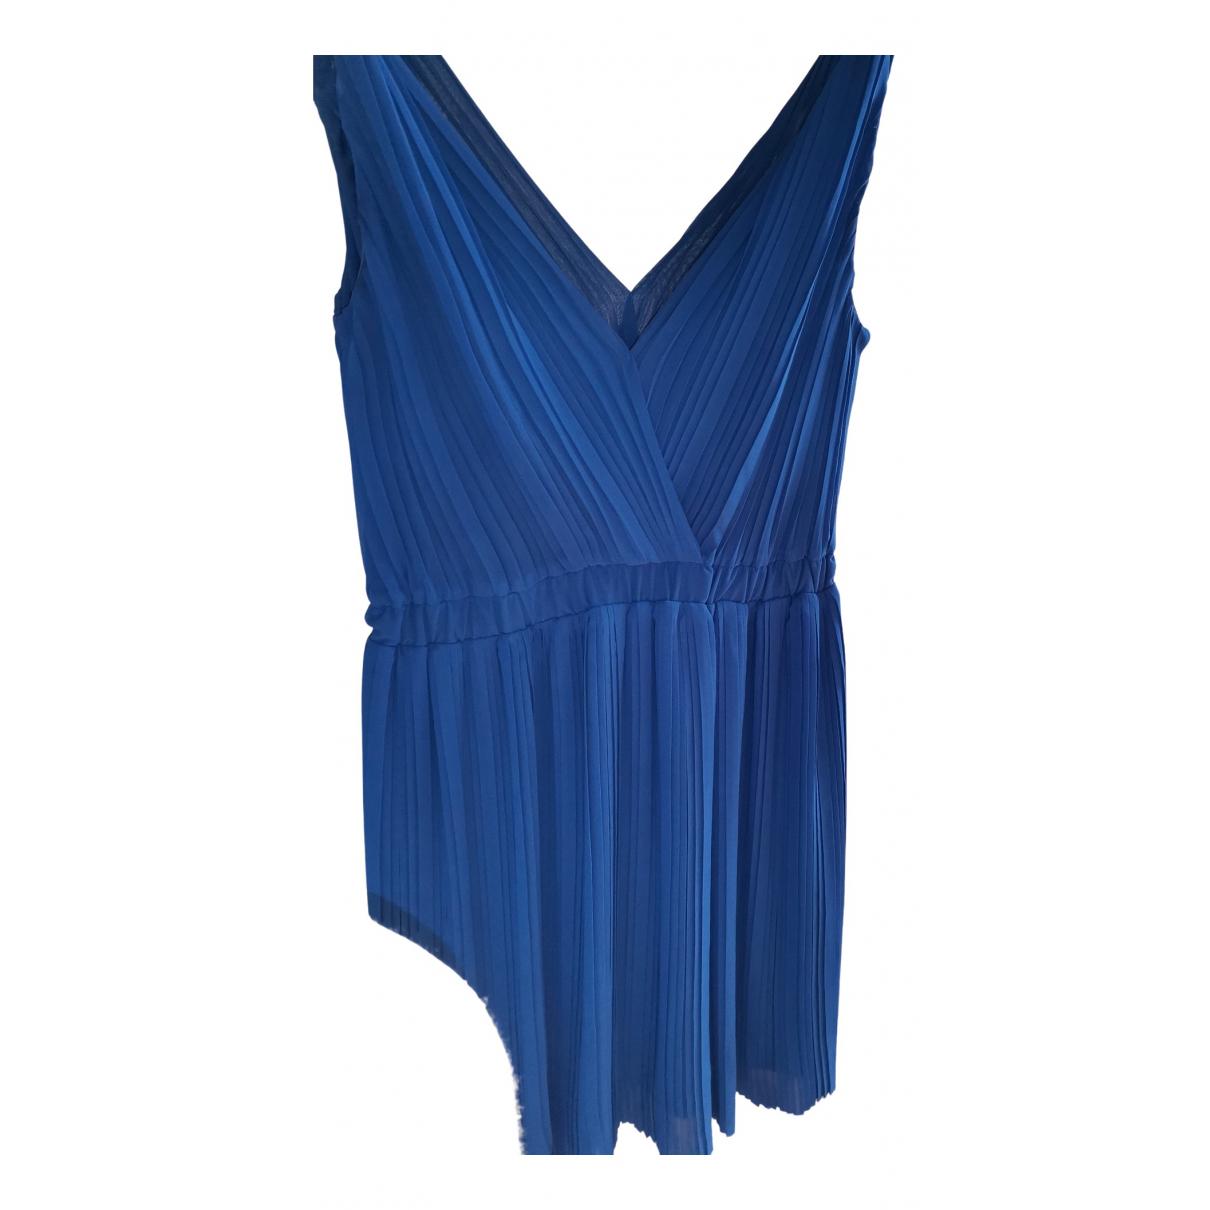 Mango \N Kleid in  Blau Synthetik